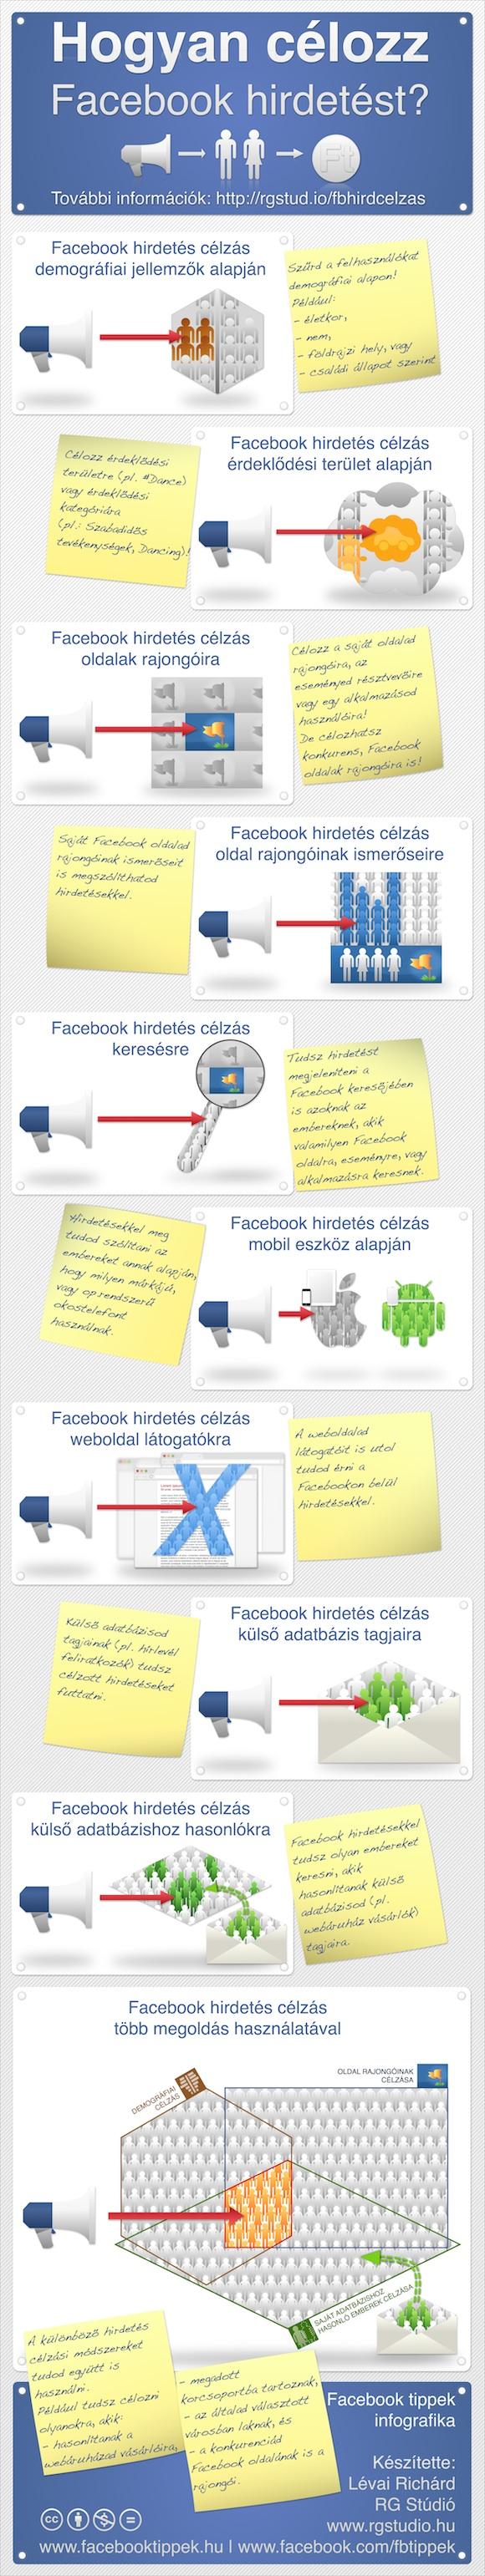 Facebook hirdetés célzási tippek